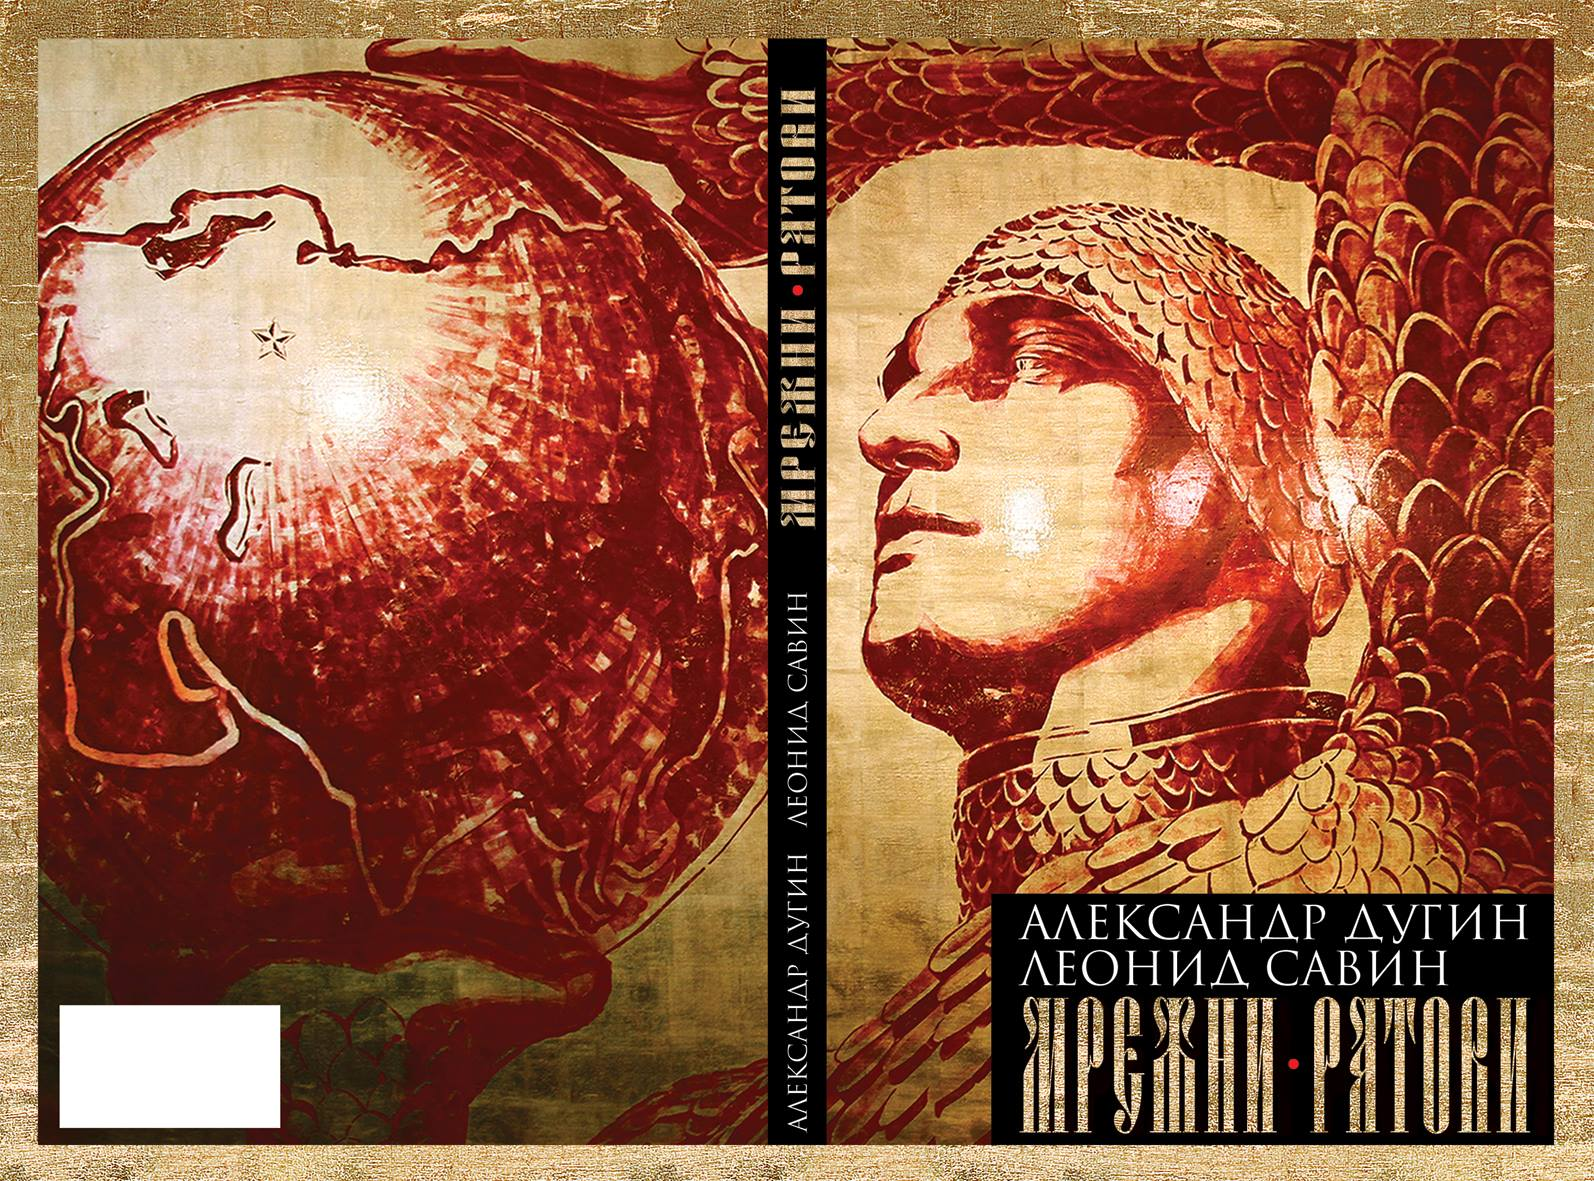 """Photo of Promocija knjige """"Mrežni ratovi"""" Aleksandra Dugina"""